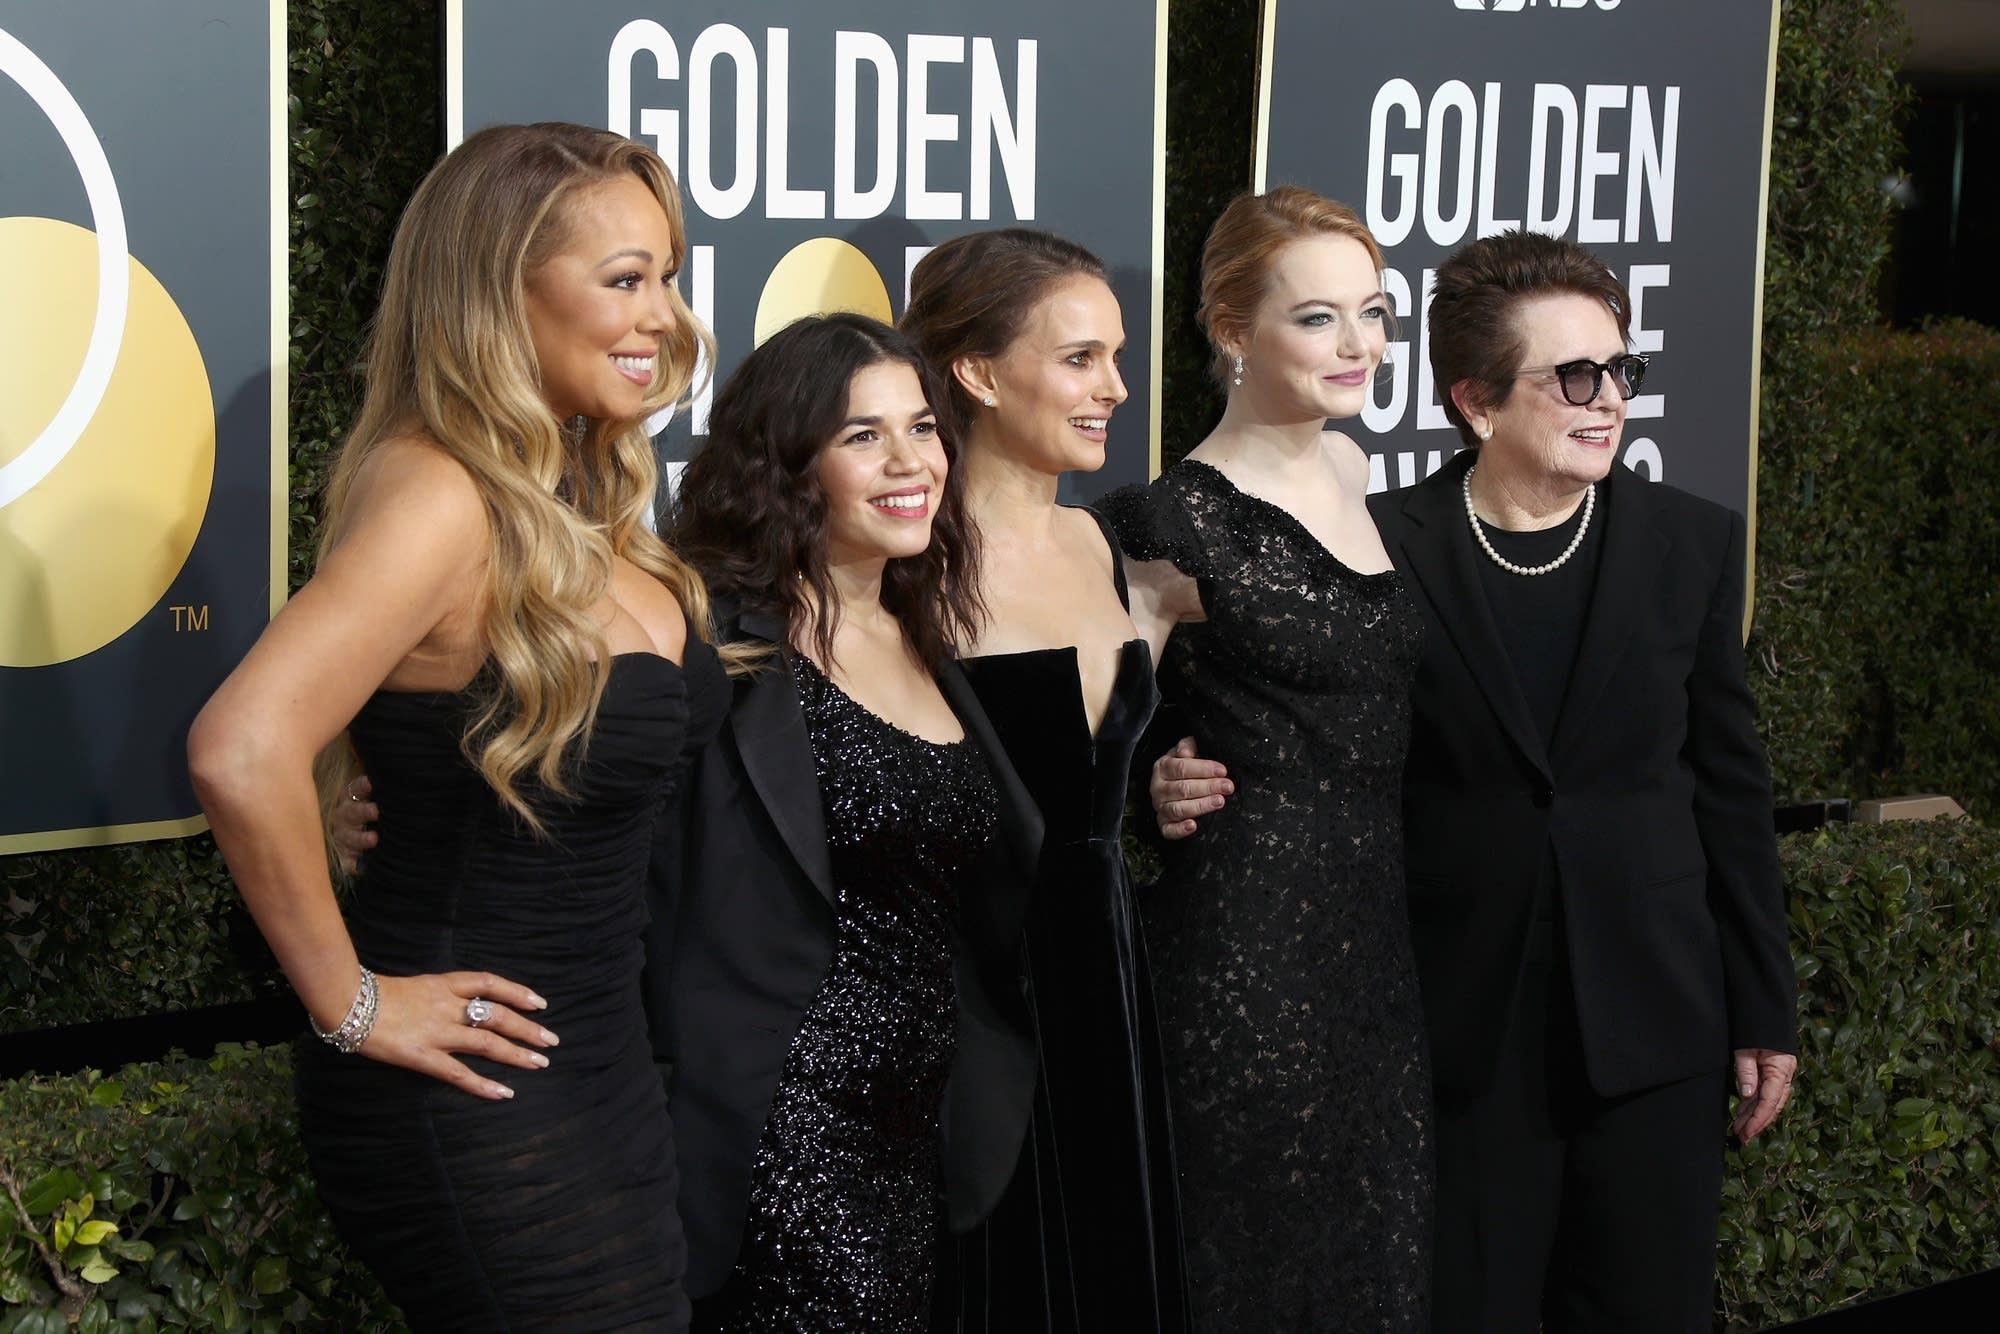 Mariah Carey, America Ferrera, Natalie Portman, Emma Stone,Billie Jean King